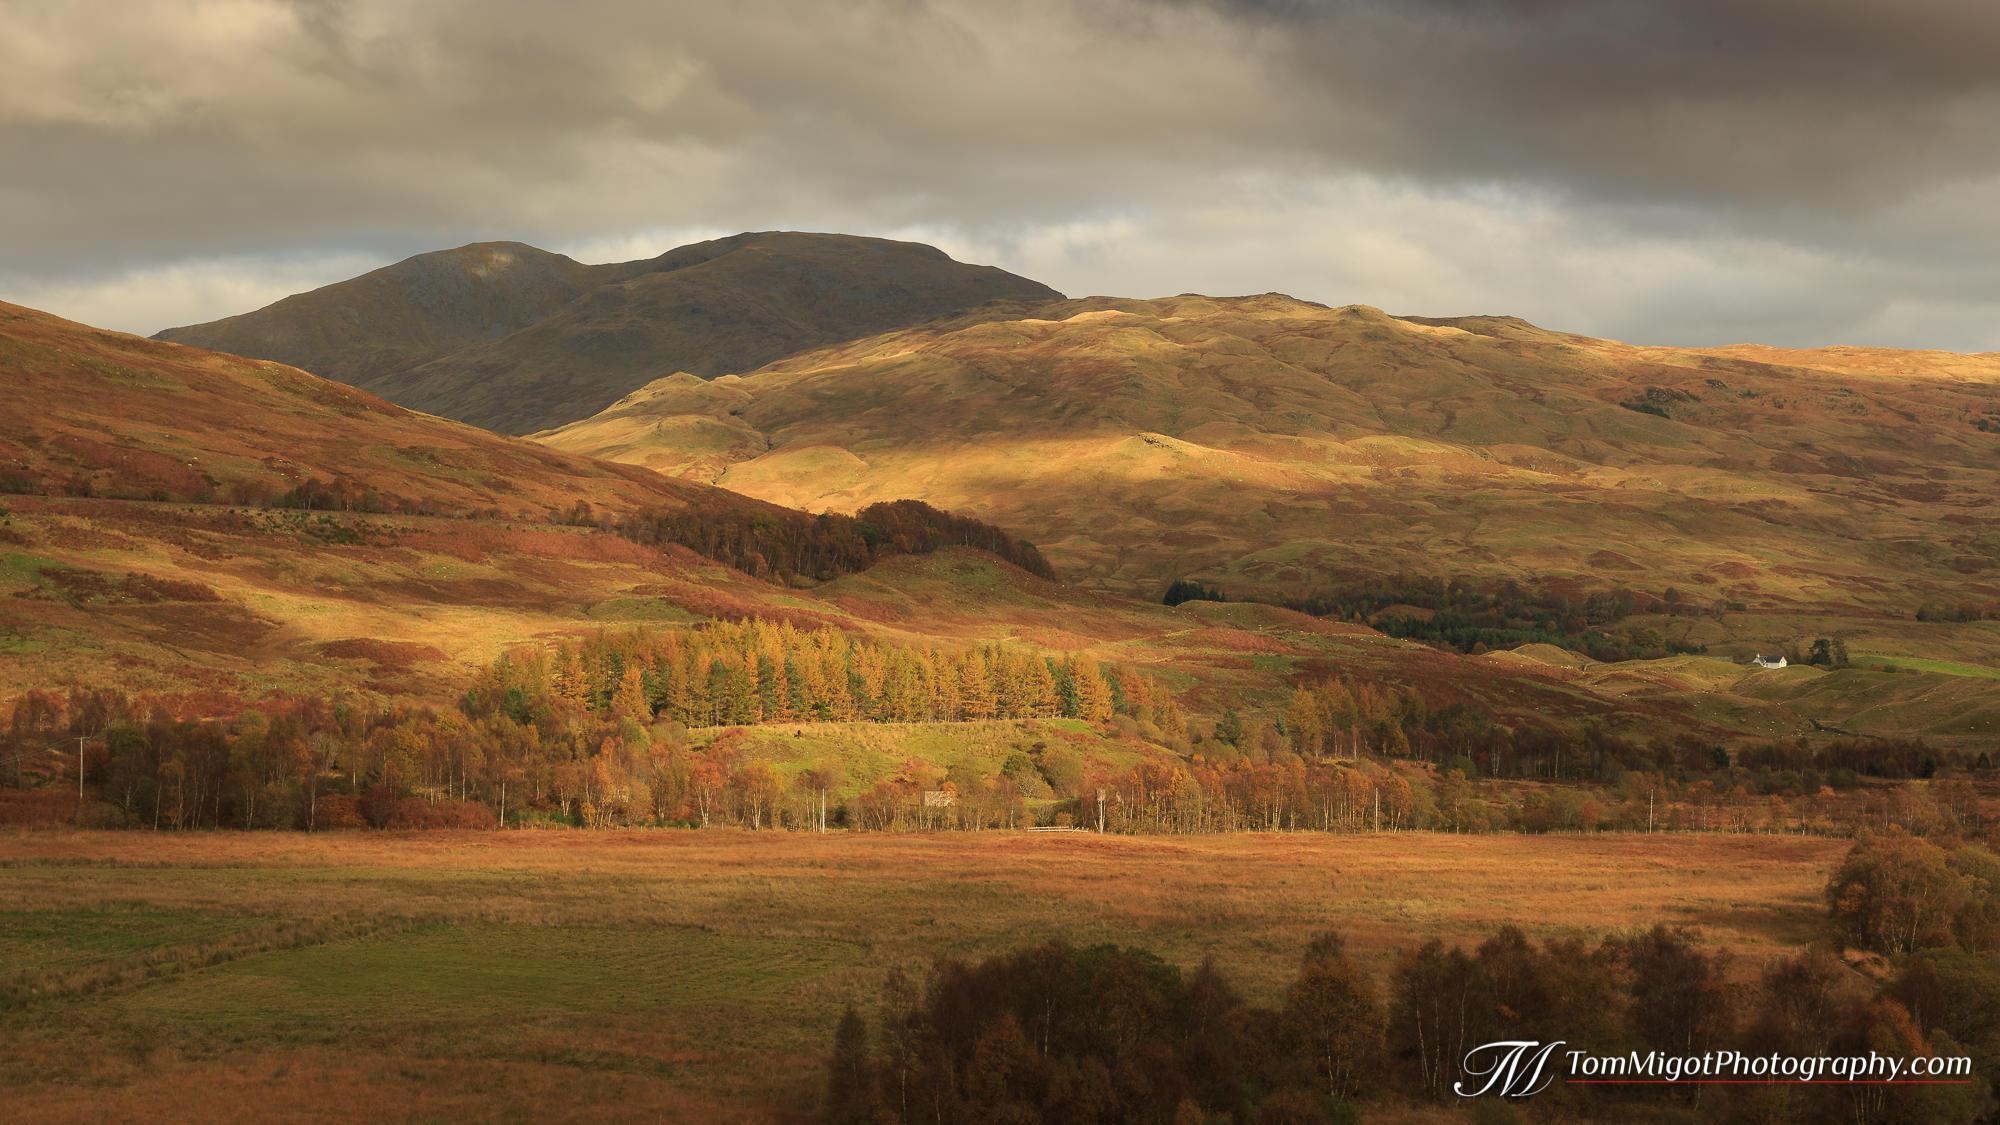 Le parc national du Loch Lomond et des Trossachs en Ecosse photographié à l'automne